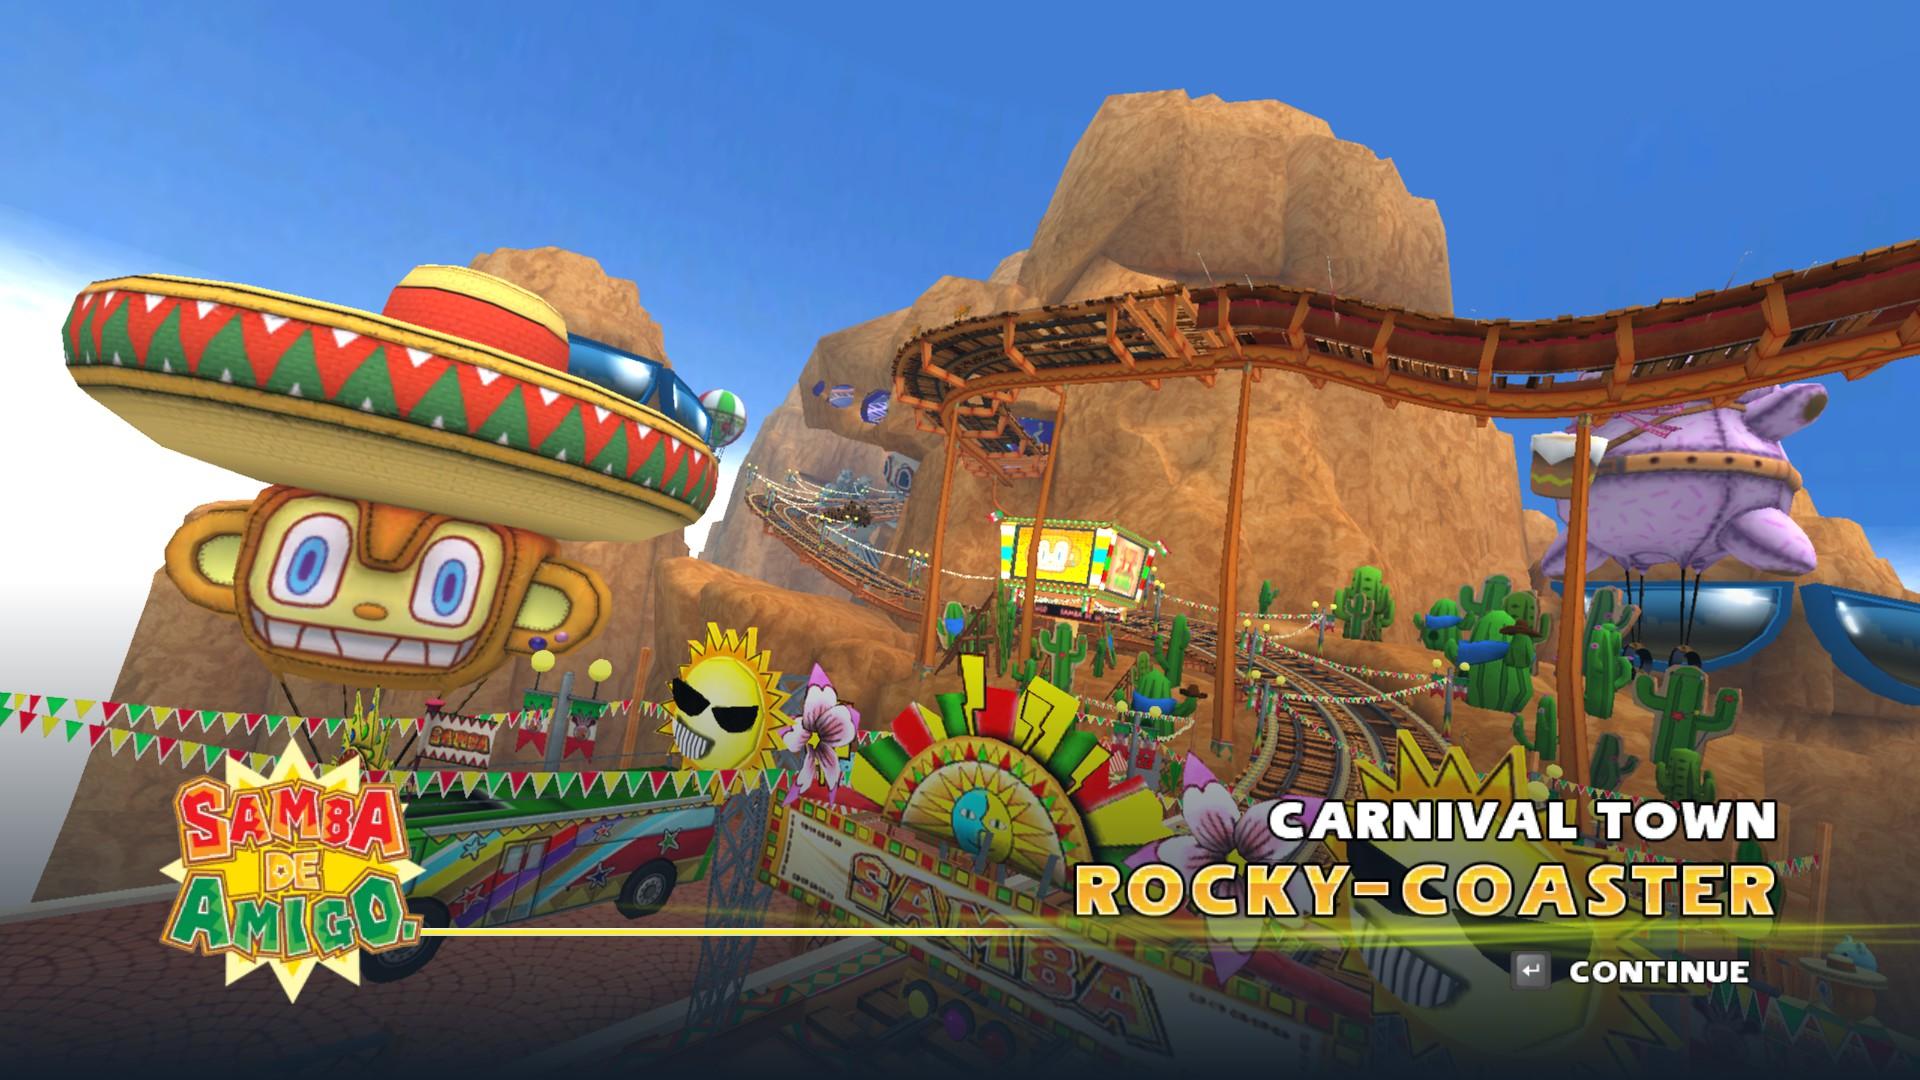 Rocky-Coaster